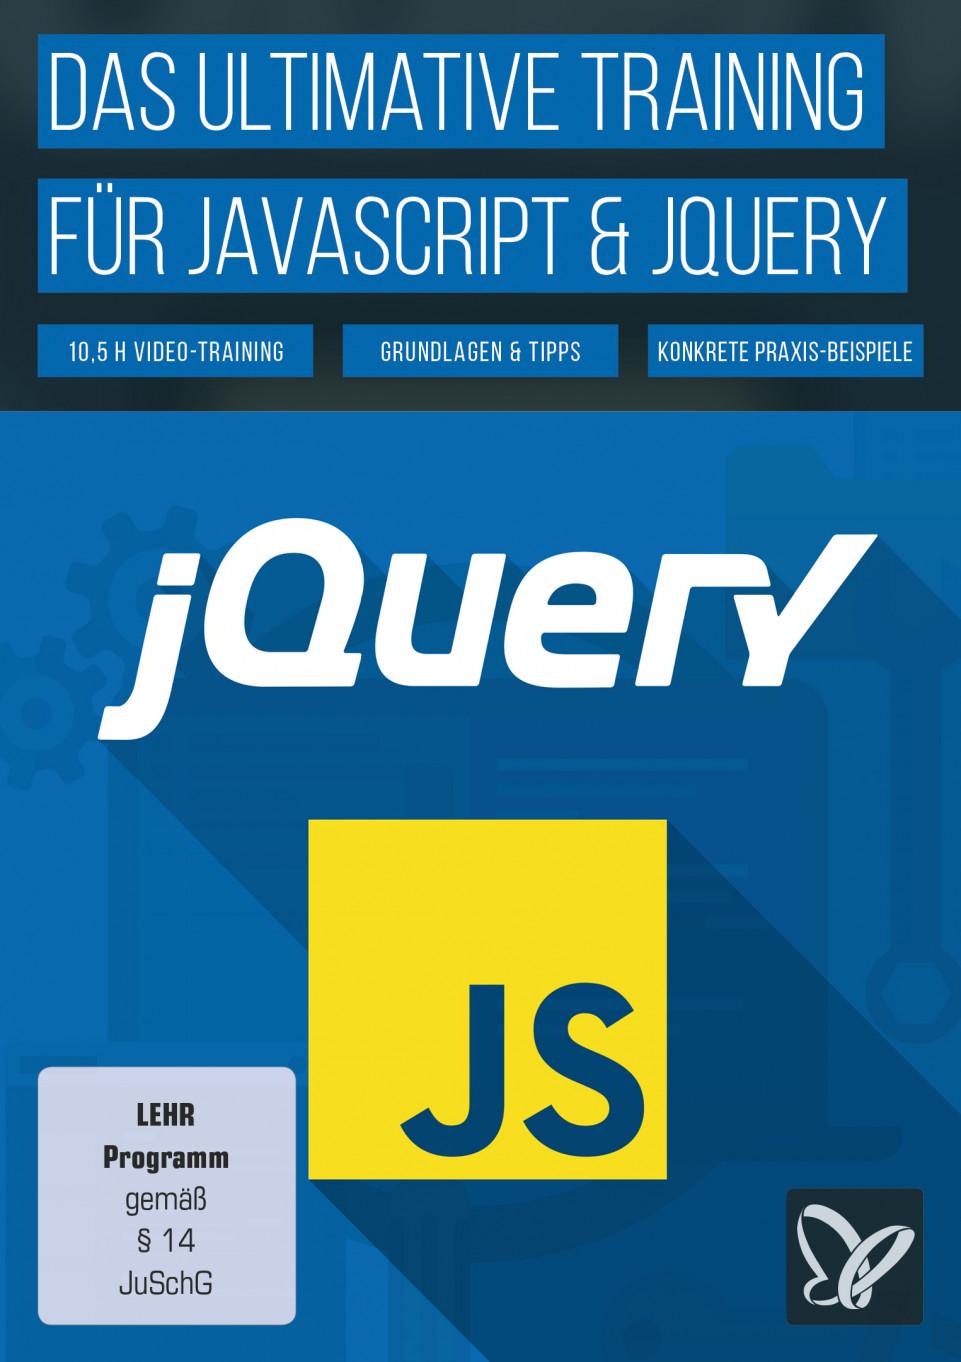 Das ultimative Training für JavaScript und jQuery